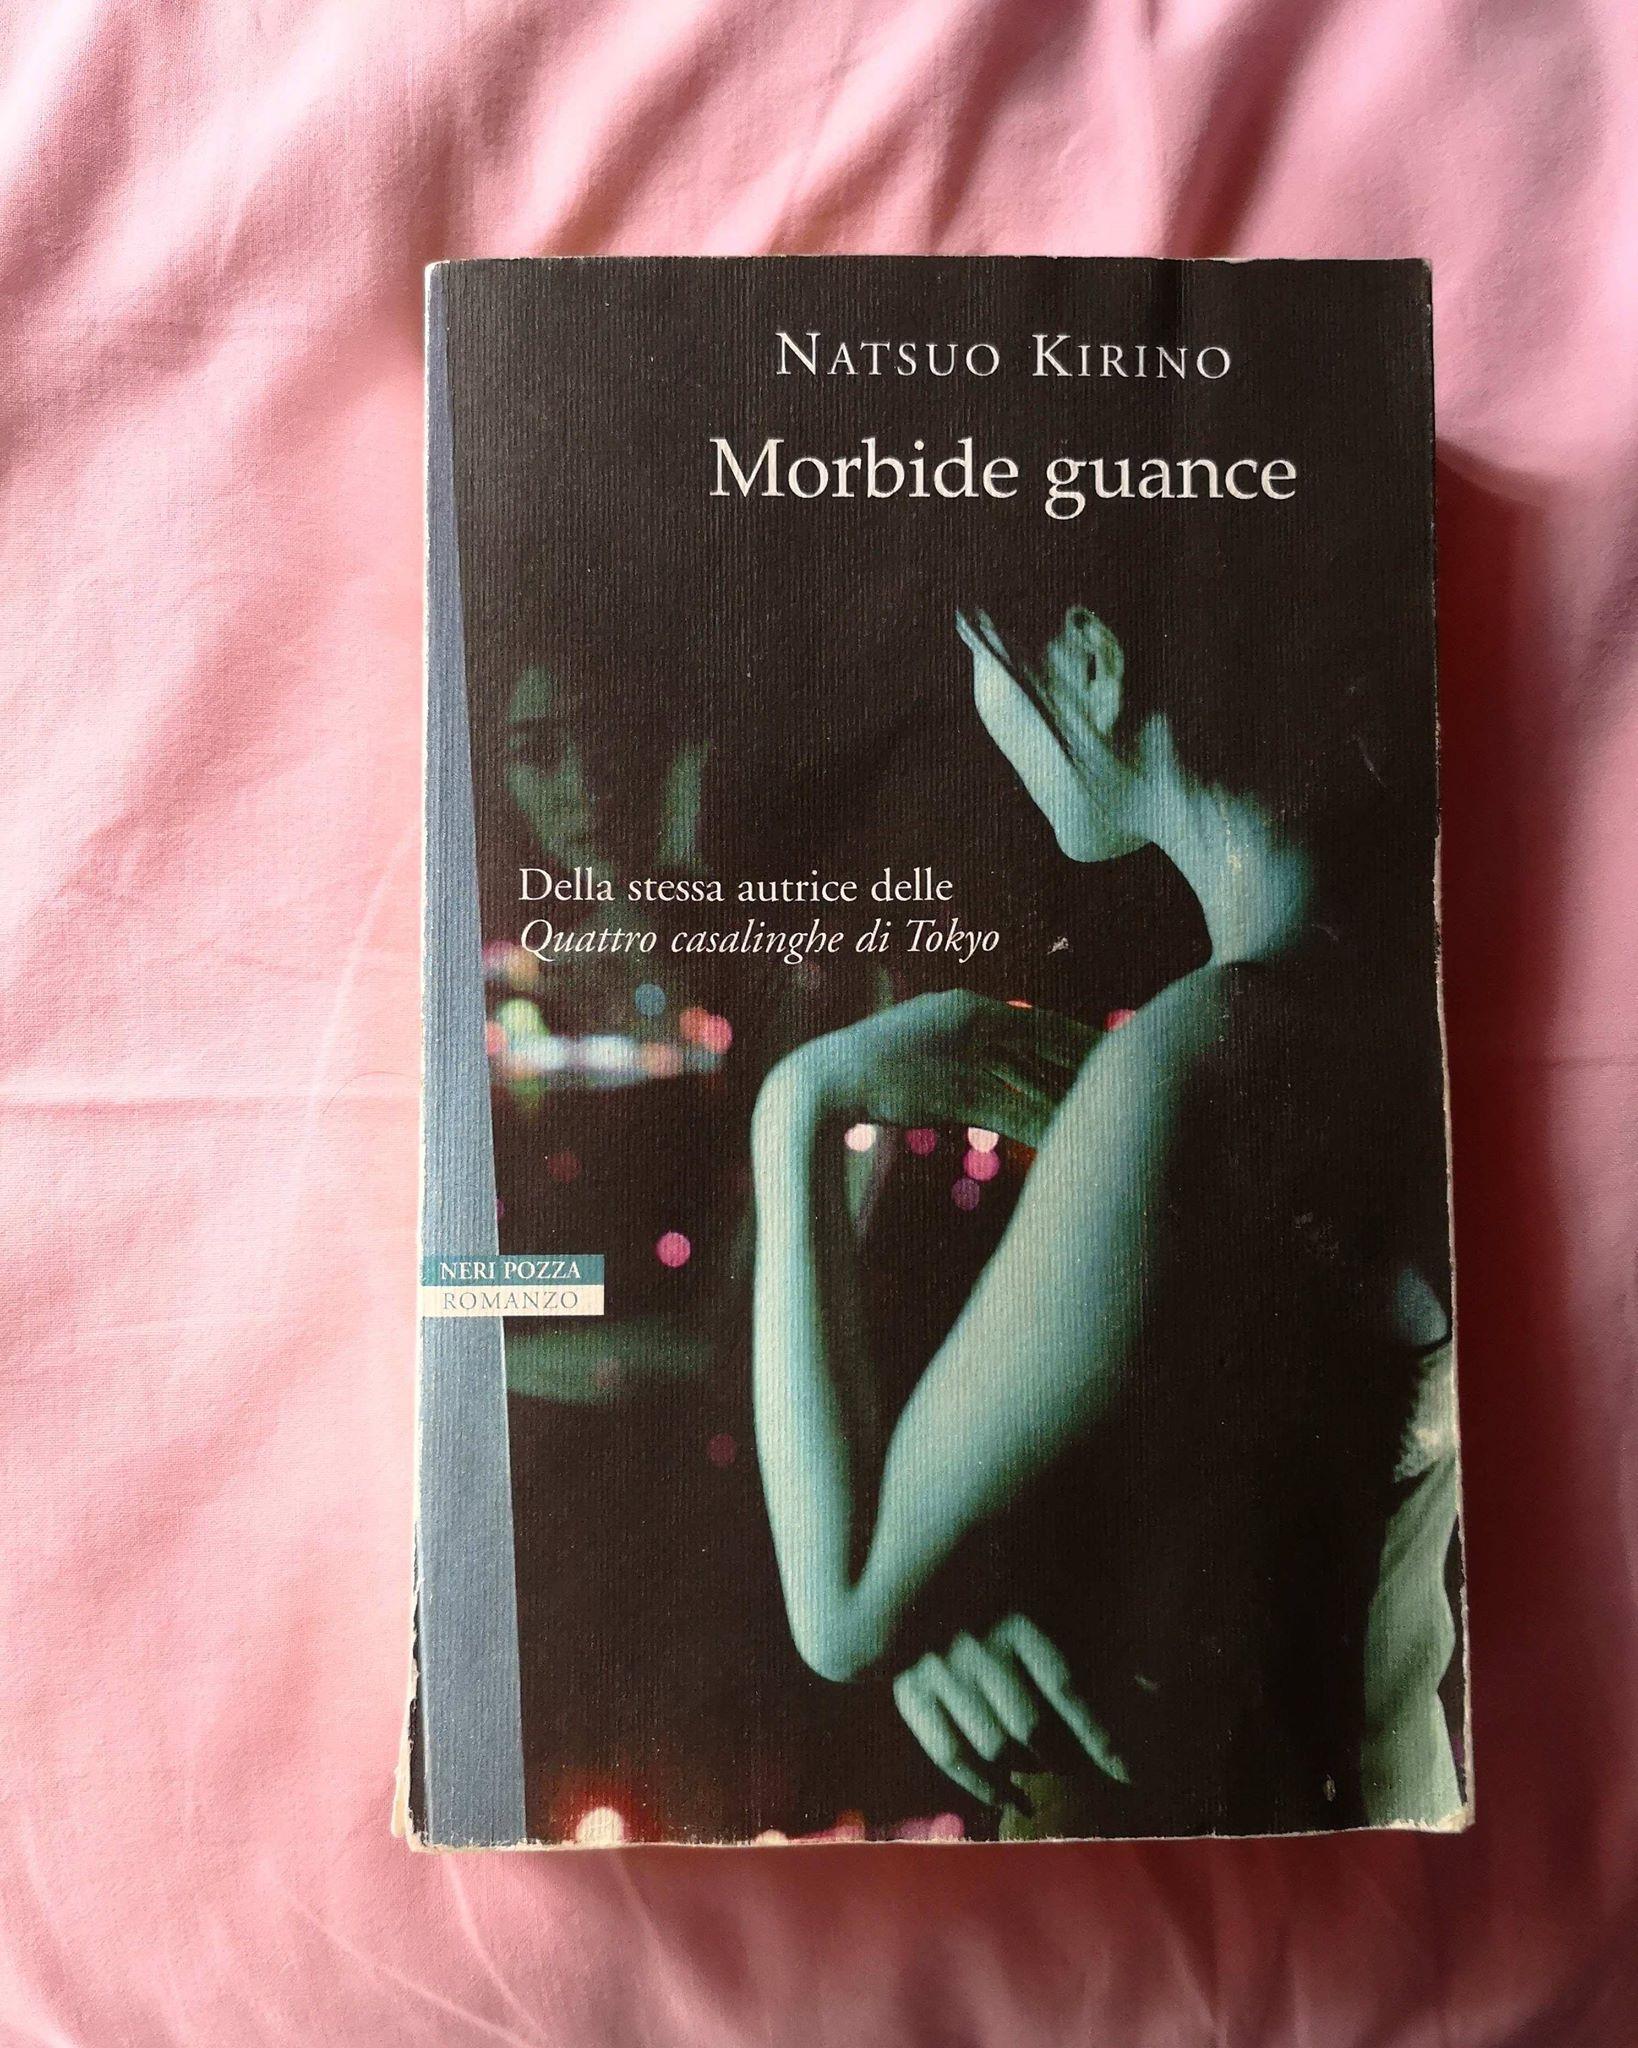 Natsuo Kirino morbide guance libro